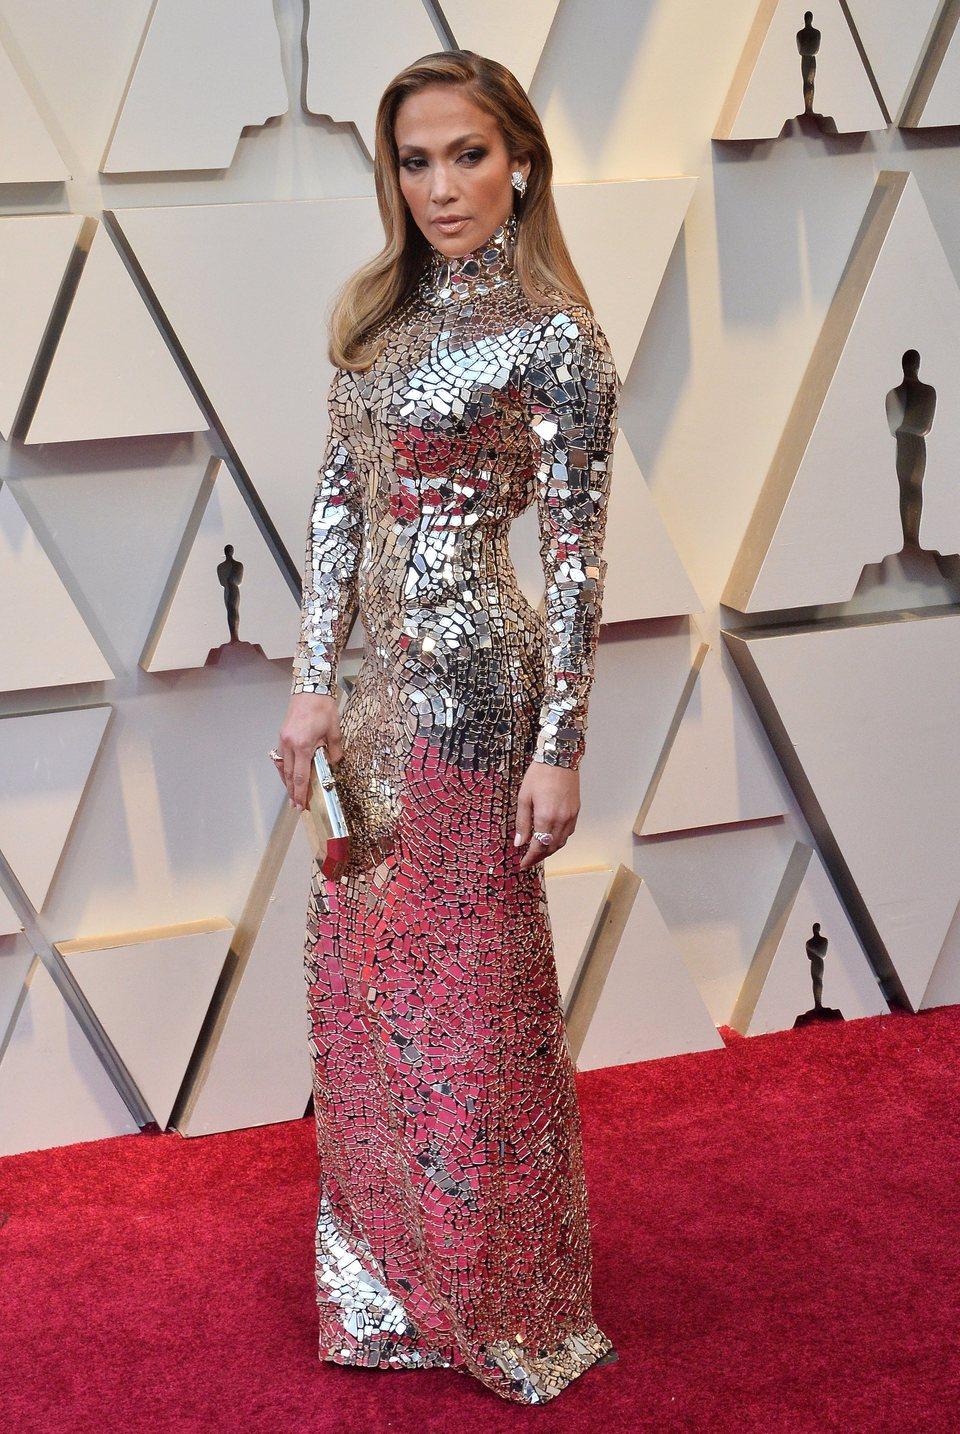 فستان فضي براق من توم فورد اختارته جينيفر لوبيز